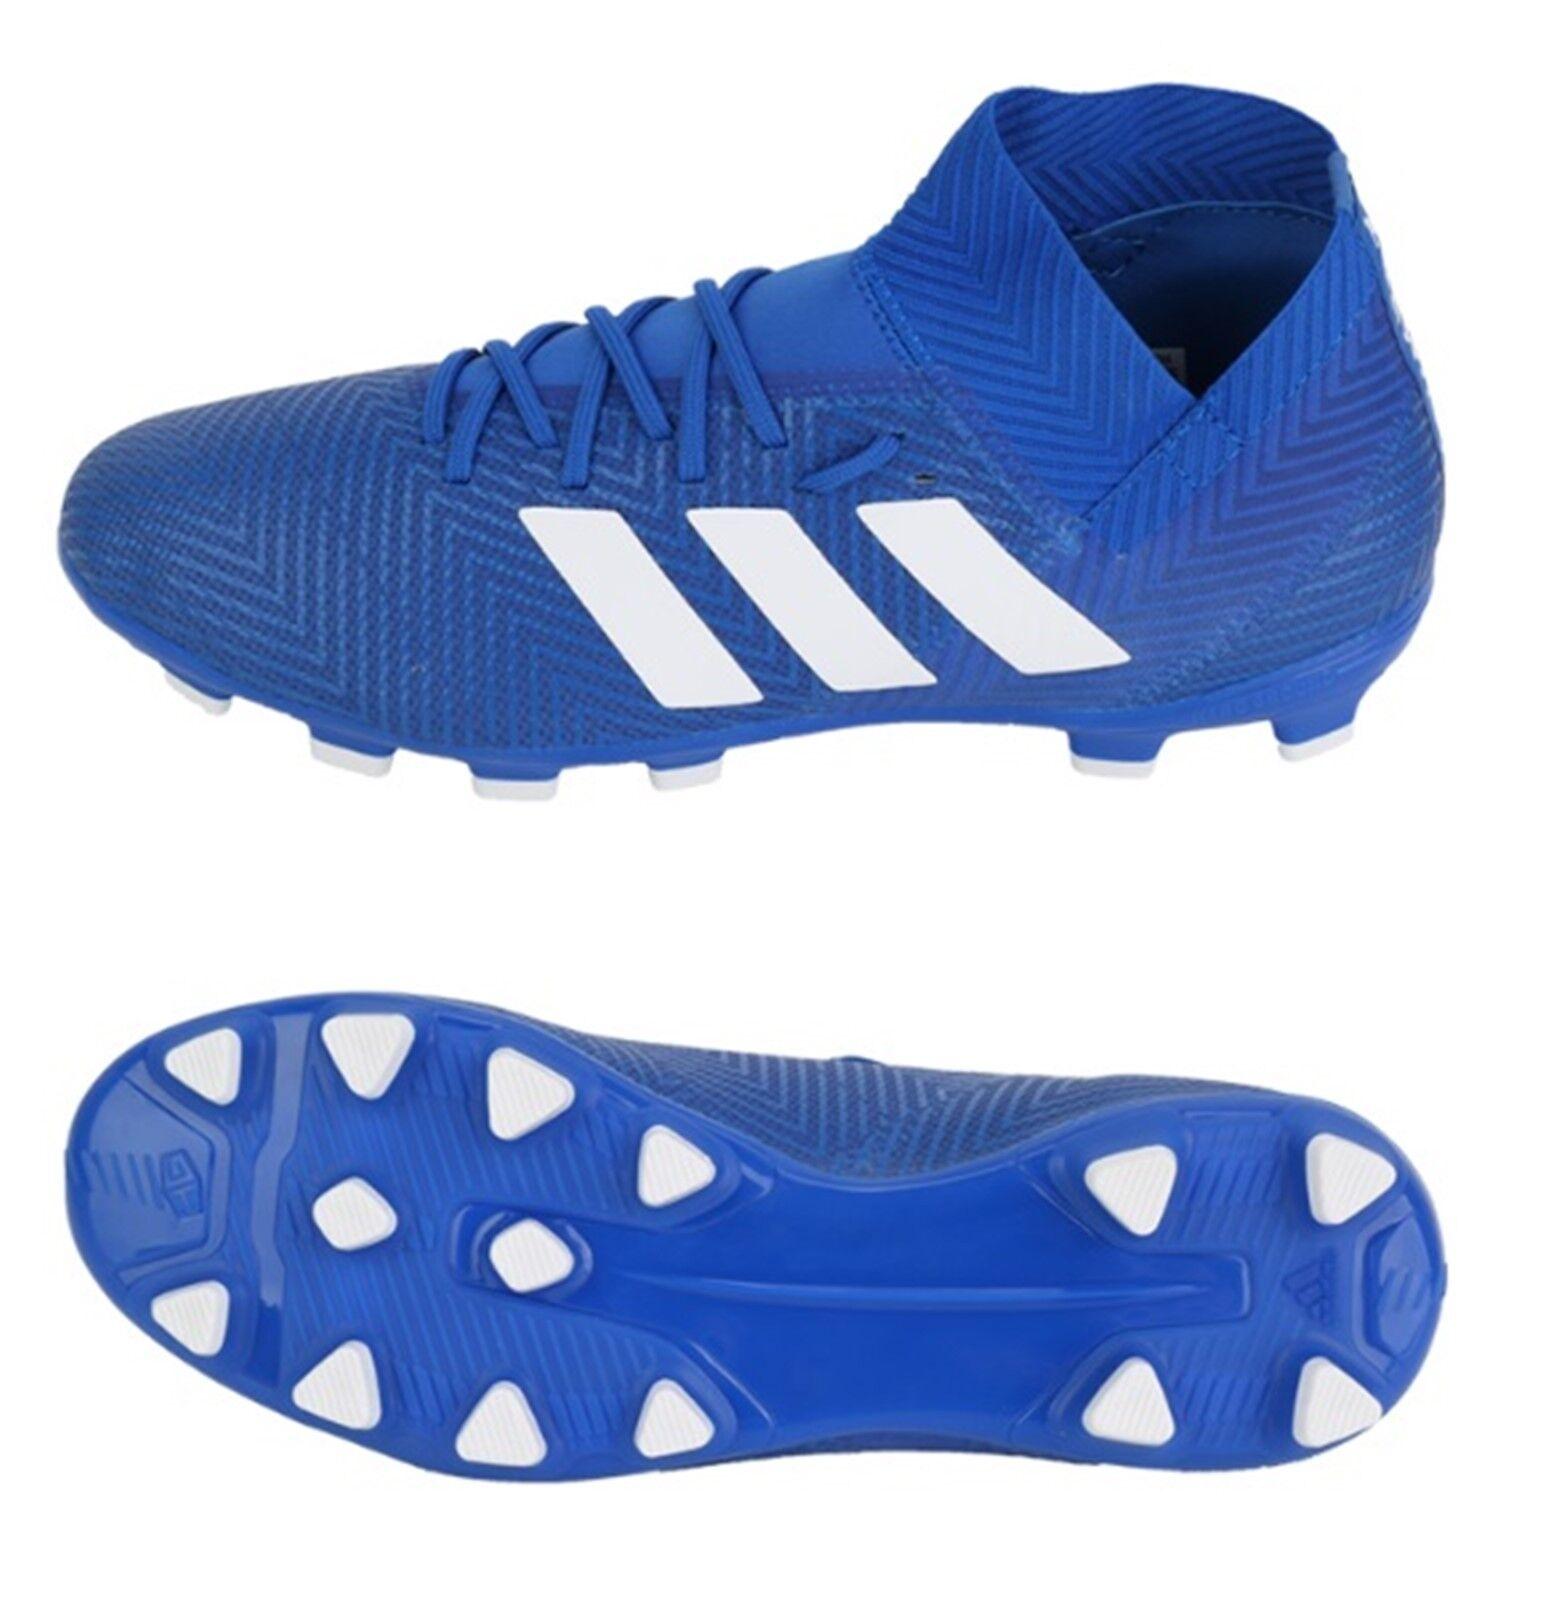 Adidas Men NEMEZIZ 18.3 HG Cleats bluee Soccer Football shoes Boots Spike BB6984